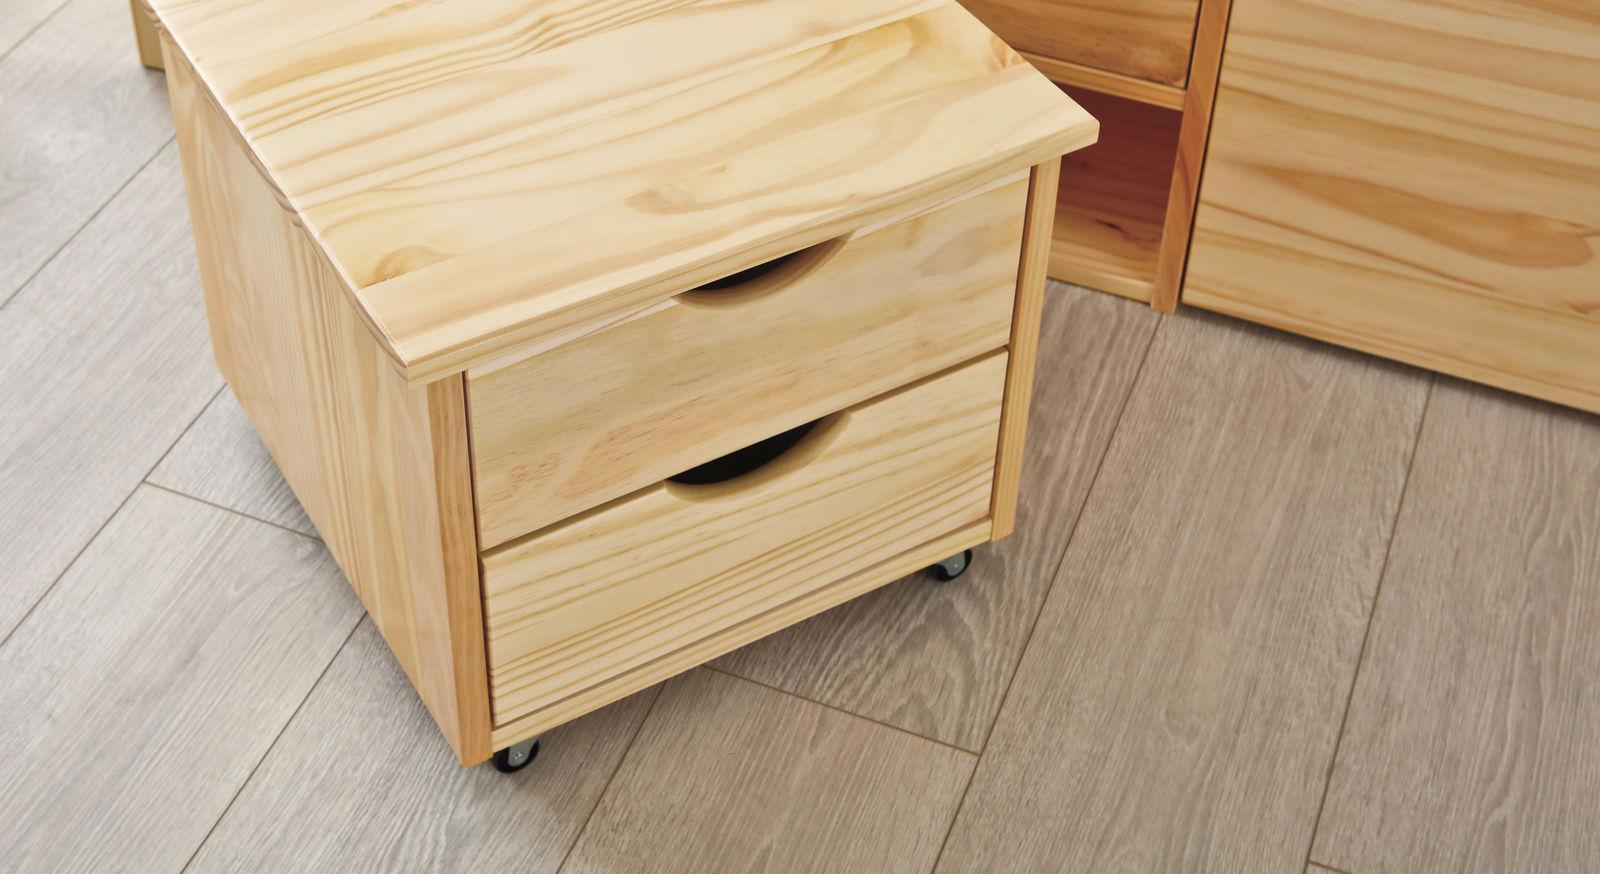 Schubkasten-Doppelbett Oslo inklusive Schubladen-Nachttische